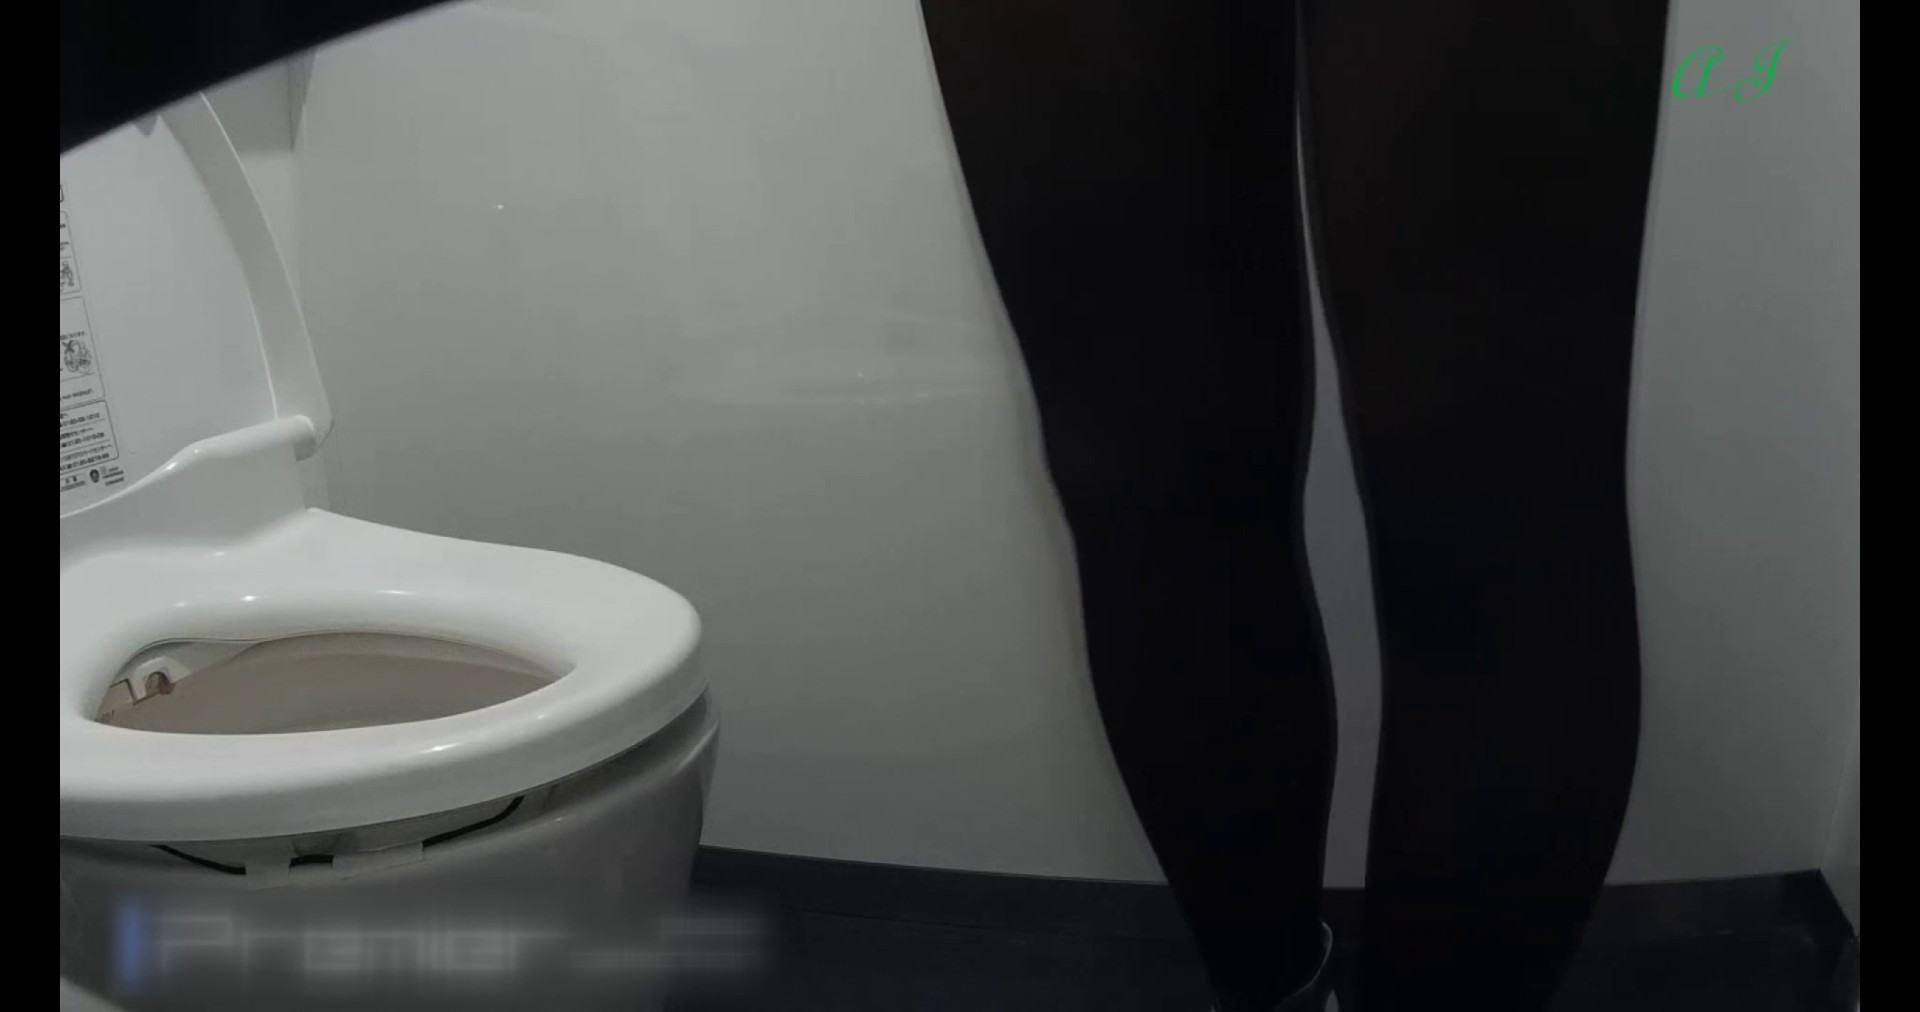 【某有名大学女性洗面所】有名大学女性洗面所 vol.74 後編 和式 | OLのエロ生活  83連発 13